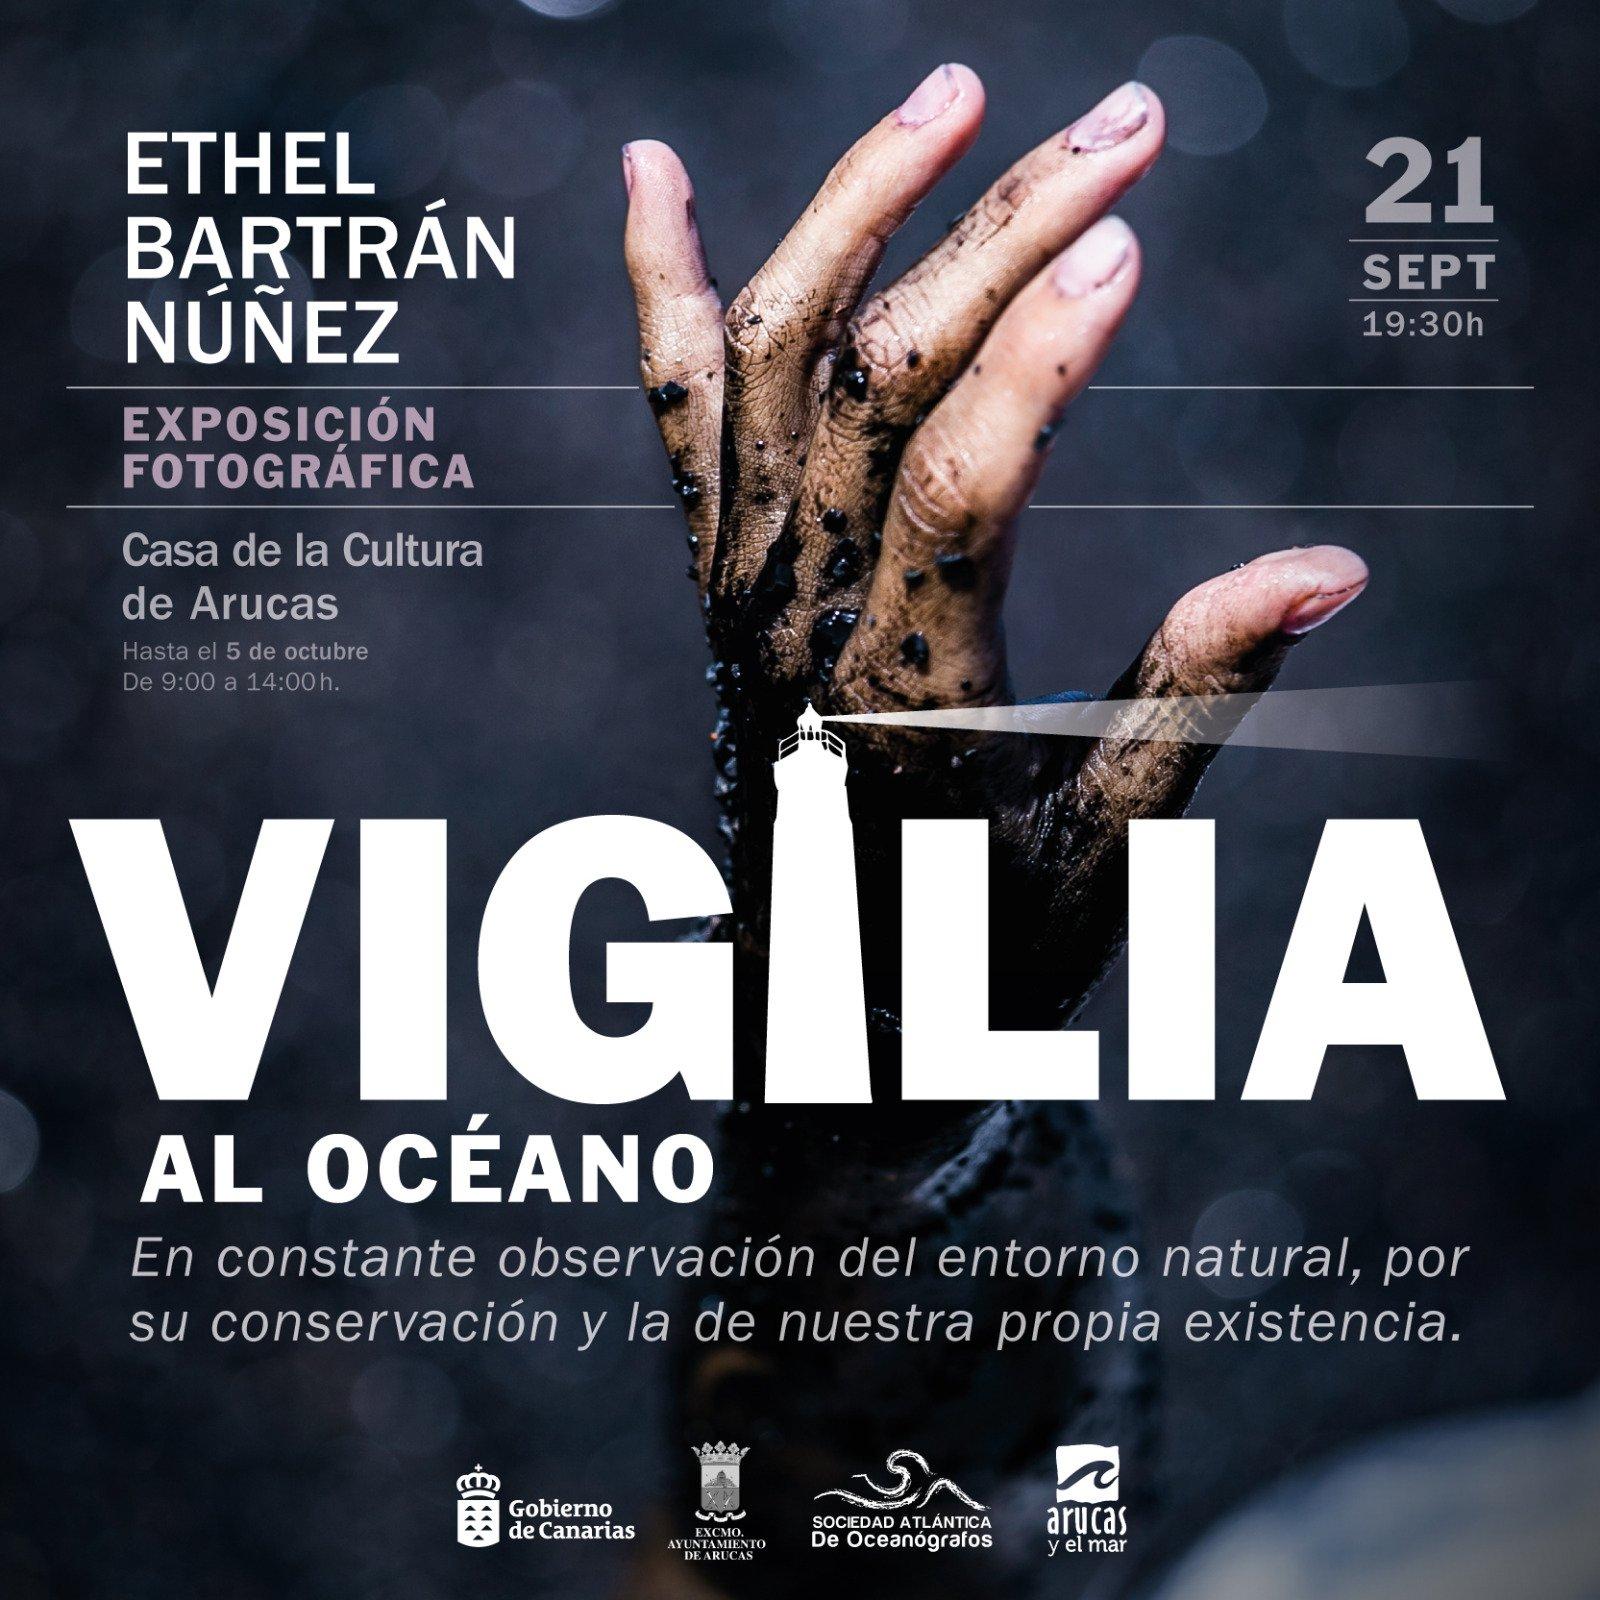 """Cartel de la exposición fotográfica """"Vigilia al Océano"""" de Ethel Bartrán donde una mano llena de alquitrán sube hacai arriba buscando tu ayuda."""